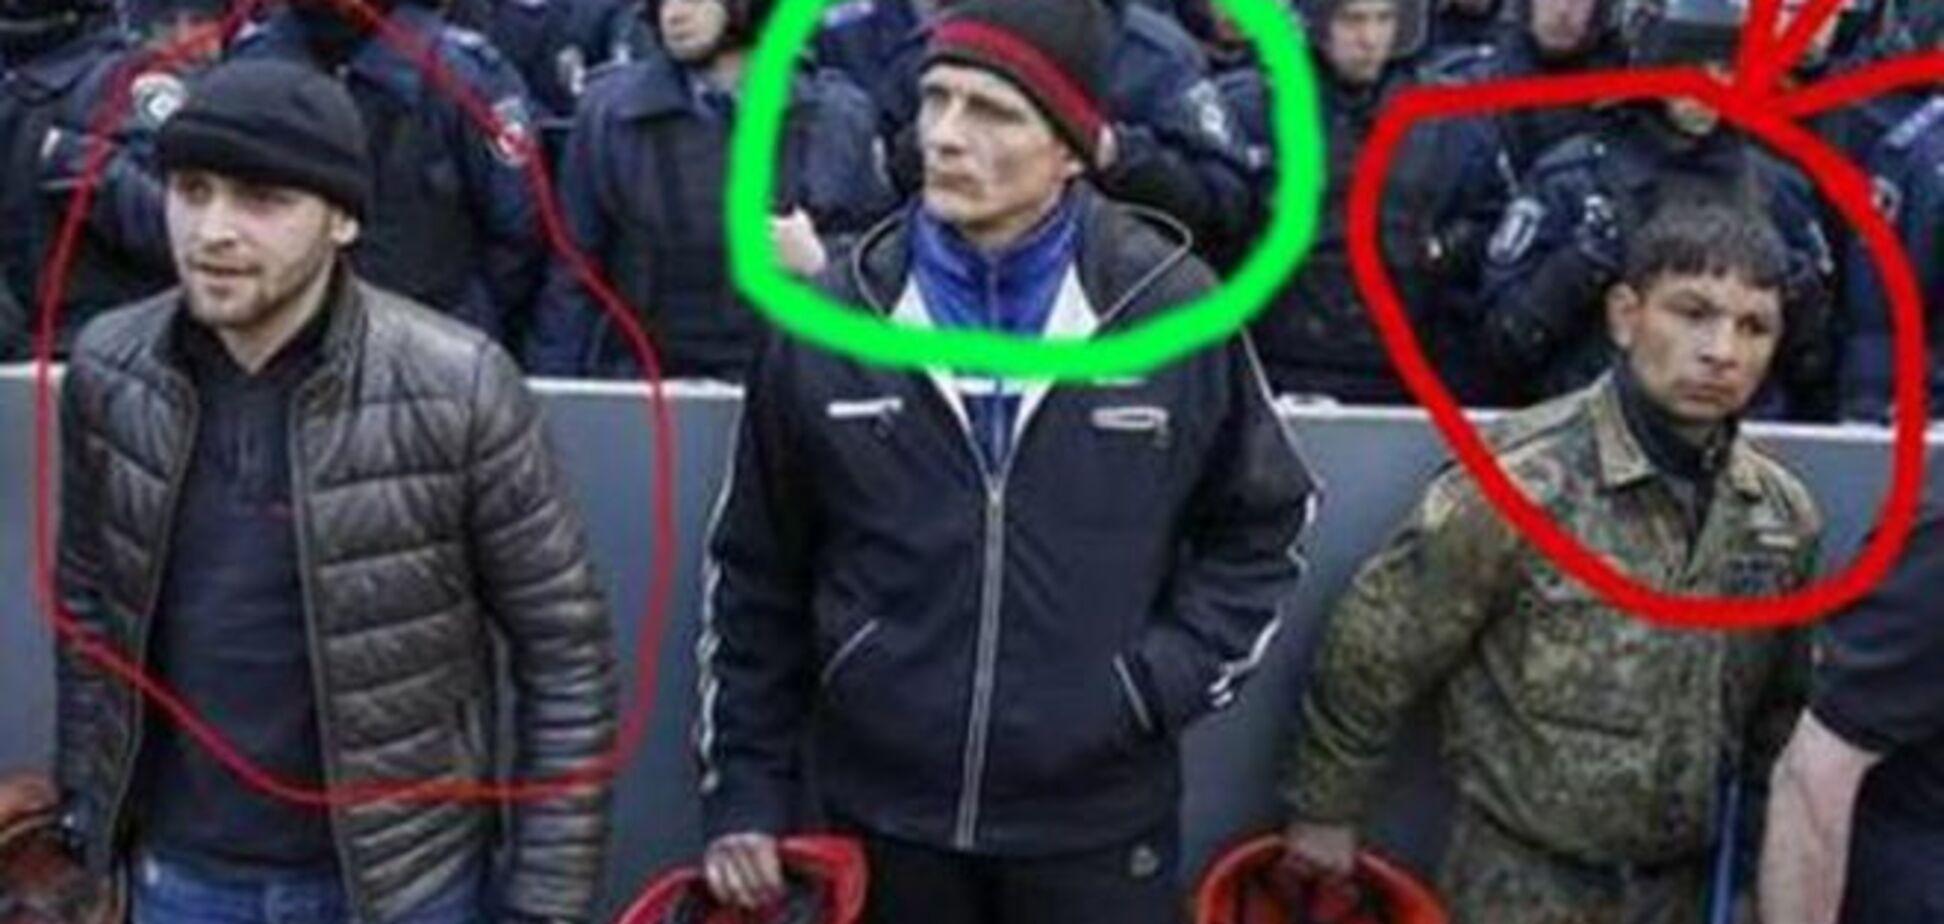 На протести 'шахтарів' до Києва прибув 'російський світ' з Донецька. Фотофакт